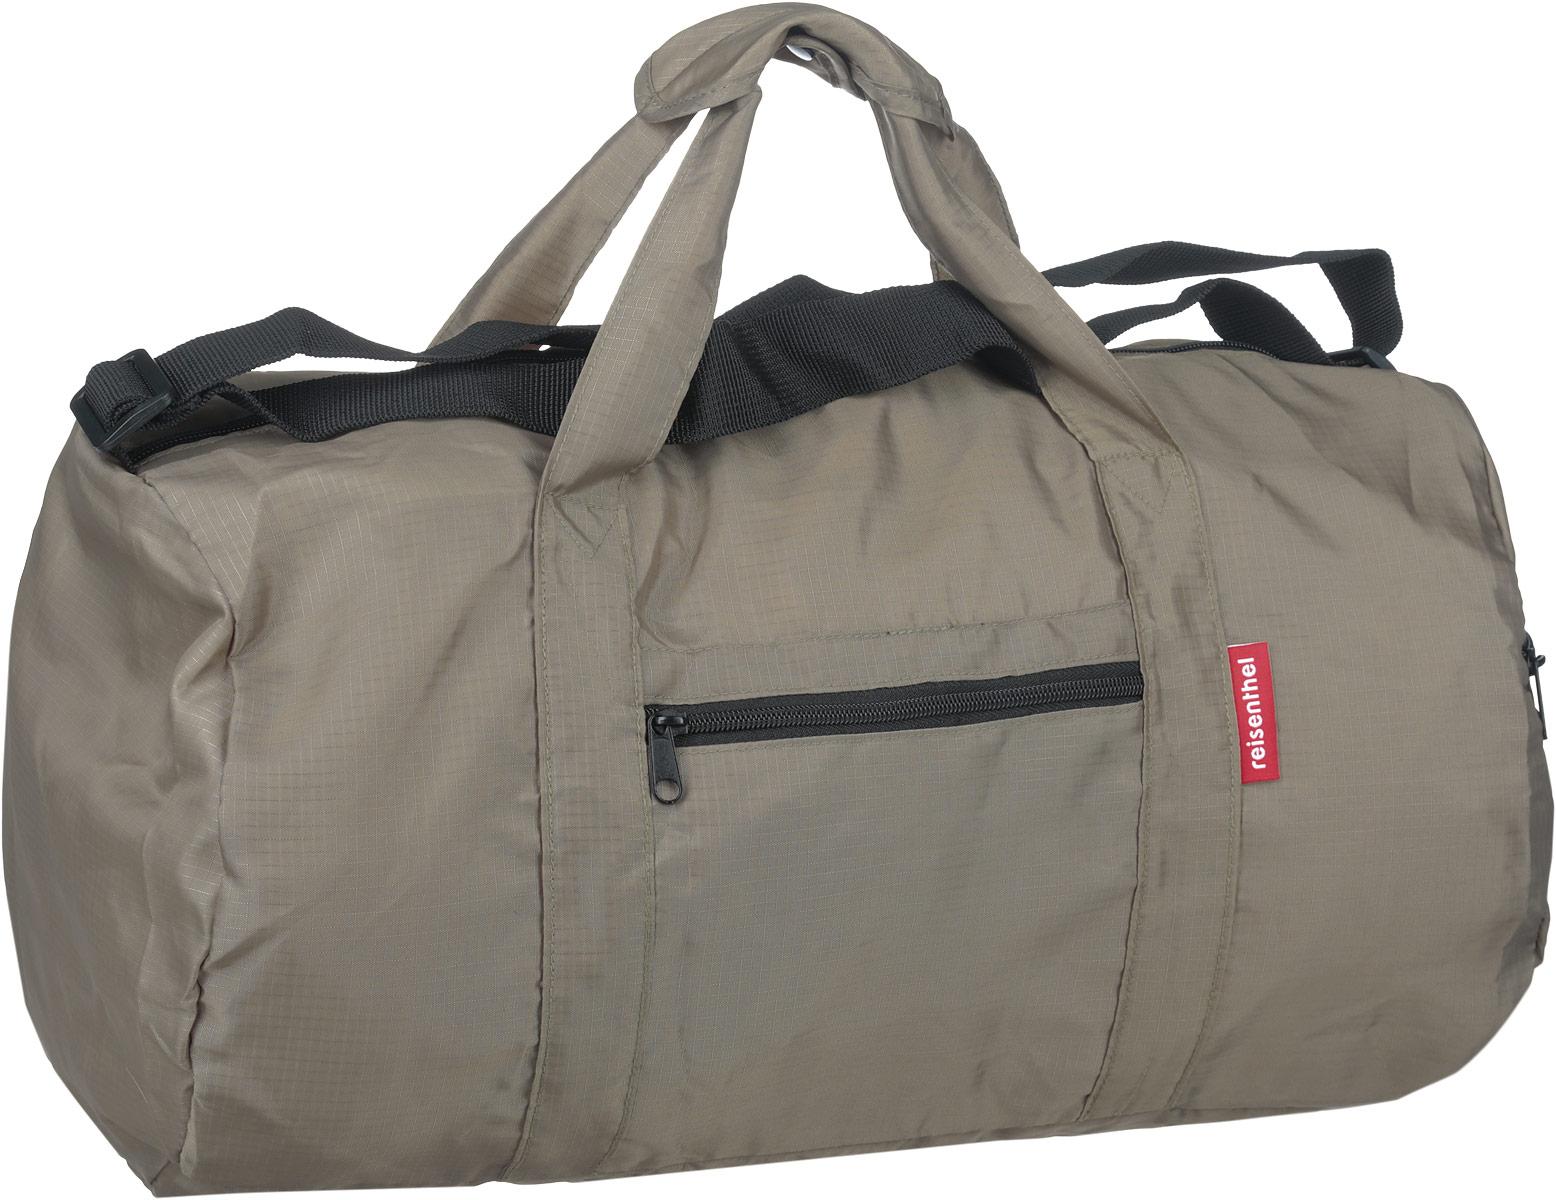 Сумка дорожная Reisenthel, складная, цвет: серо-оливковый. AM7031AM7031Стильная дорожная сумка Reisenthel выполнена из текстиля. Изделие имеет одно отделение, которое закрывается на застежку-молнию. Внутри находится нашивной карман на застежке-молнии, в который изделие легко складывается. Снаружи, на передней стенке и сбоку расположены два накладных кармана на застежках-молниях. Сумка оснащена двумя удобными ручками и регулируемым наплечным ремнем.